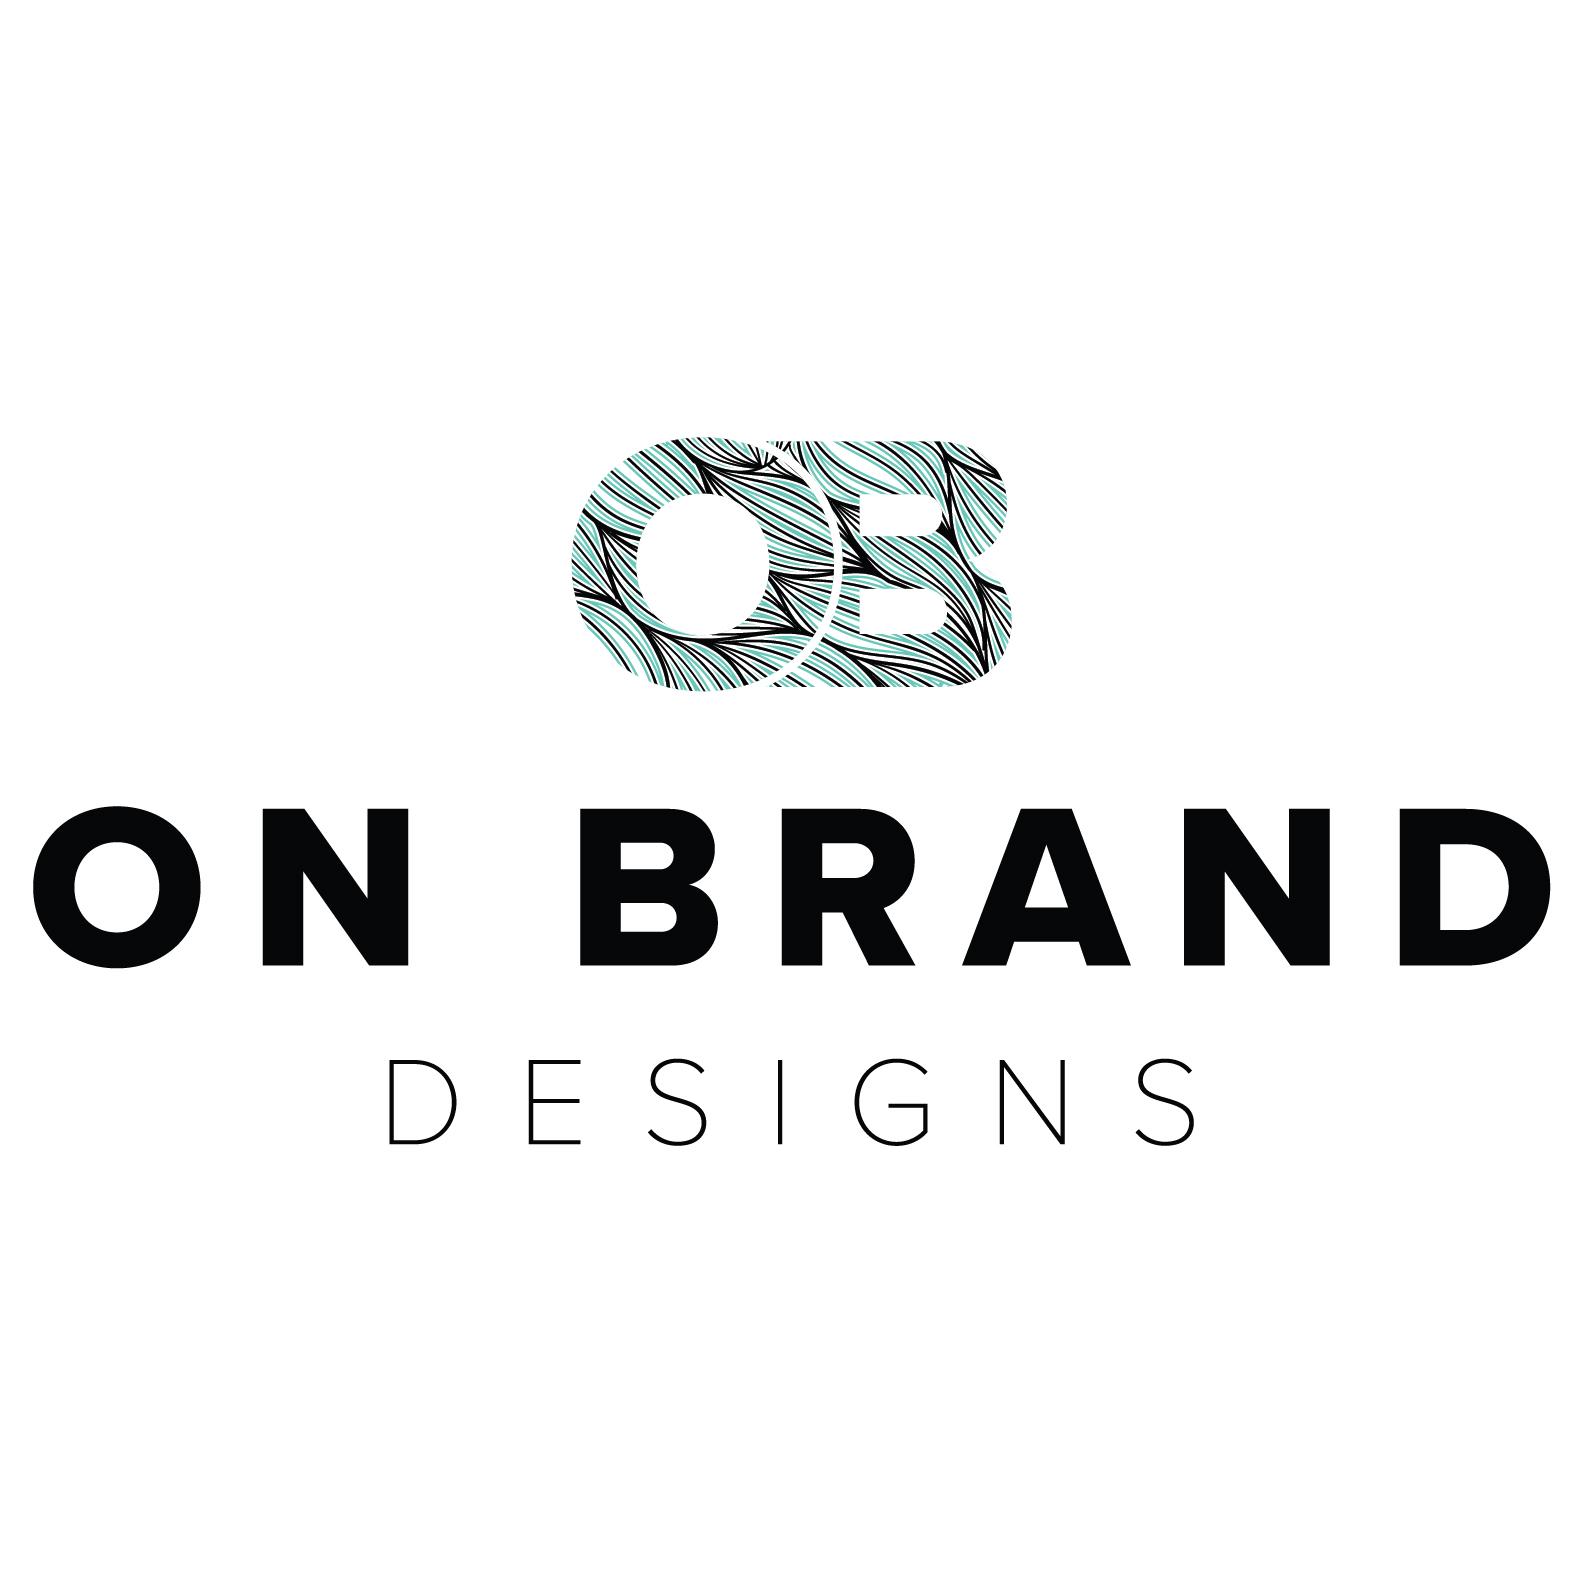 Obd cm logo 01